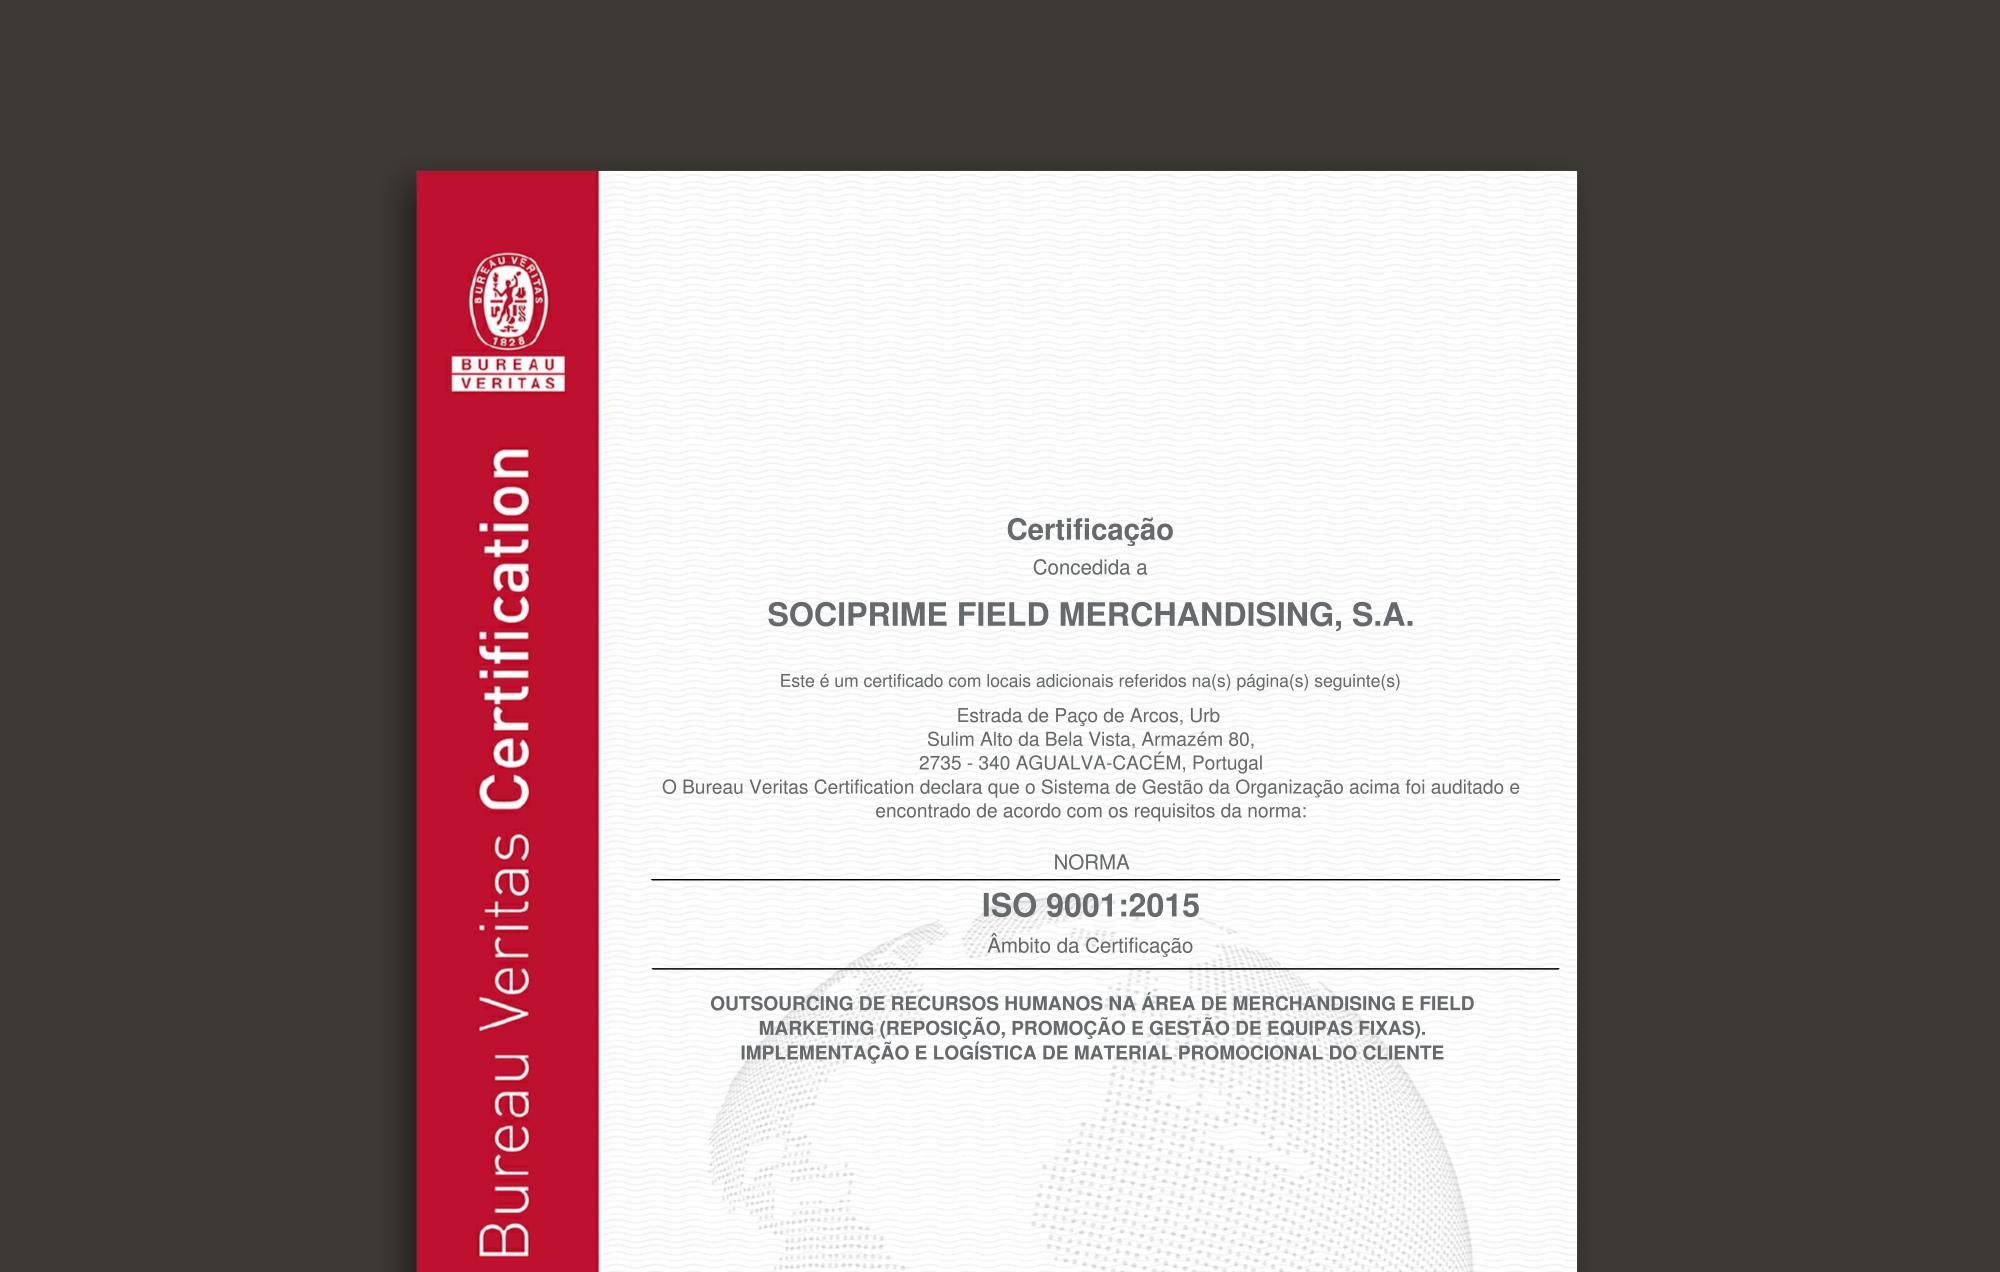 Sociprime obteve Certificação ISO 9001:2015